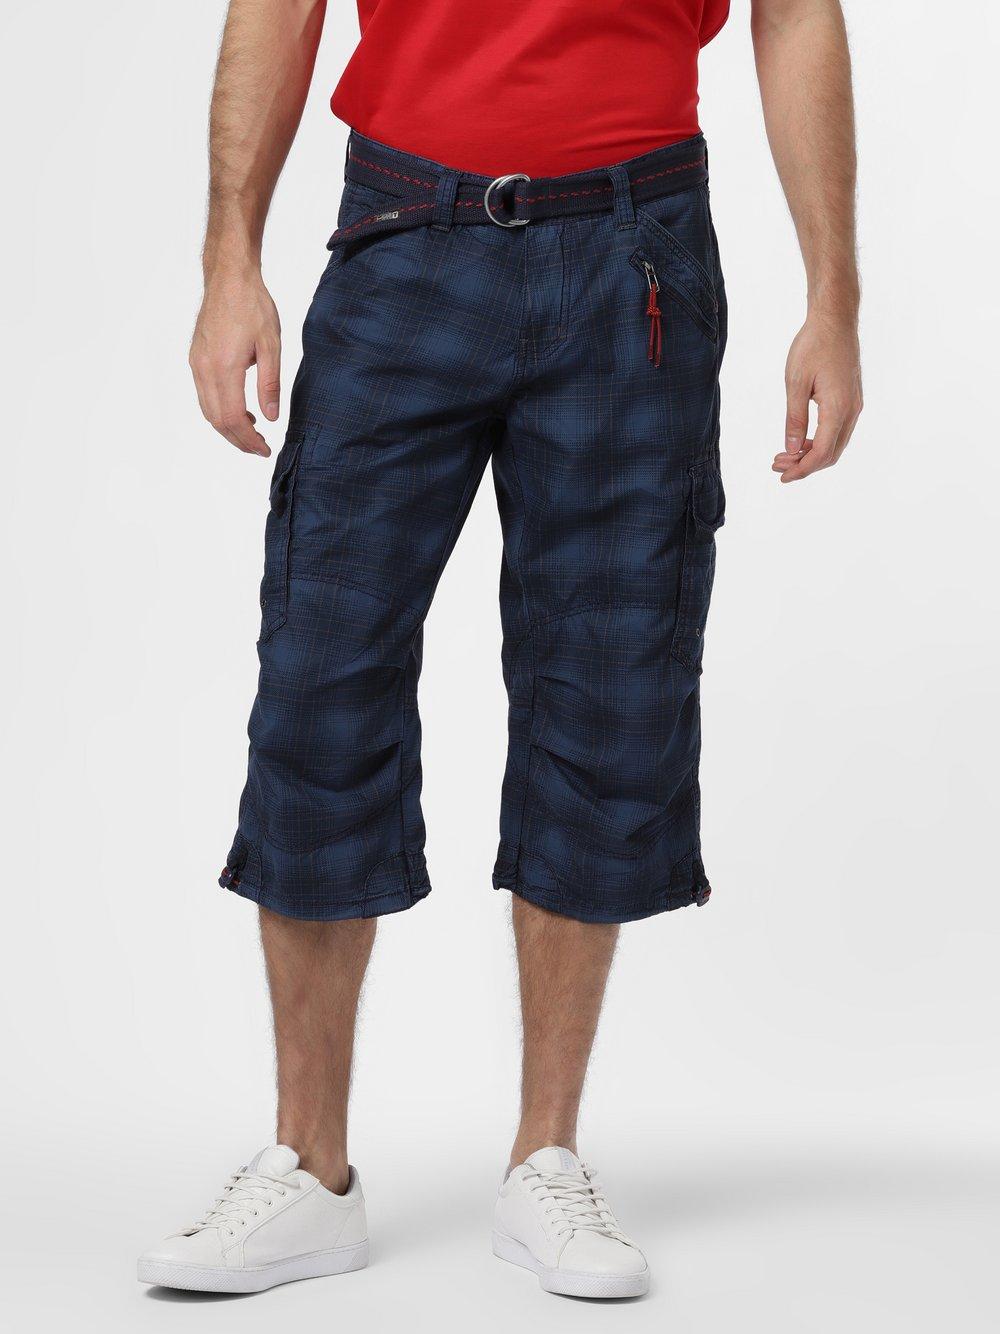 Timezone – Spodnie męskie, niebieski Van Graaf 466015-0001